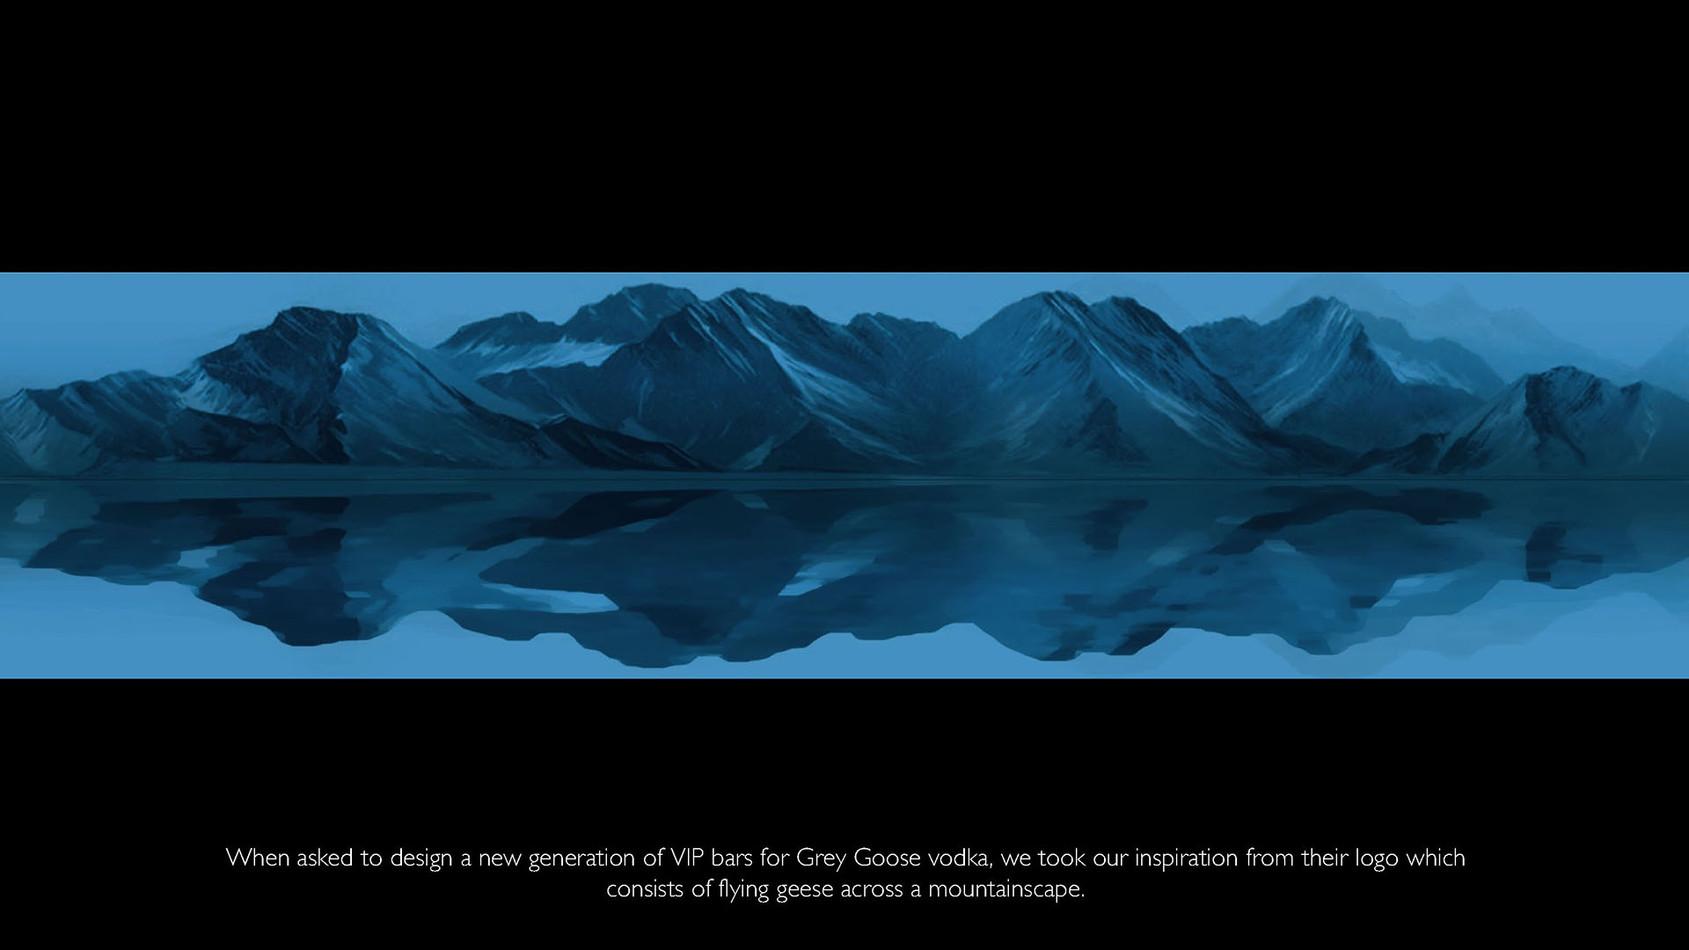 GREY-GOOSE-VIP-SPACE-EN 01.jpg